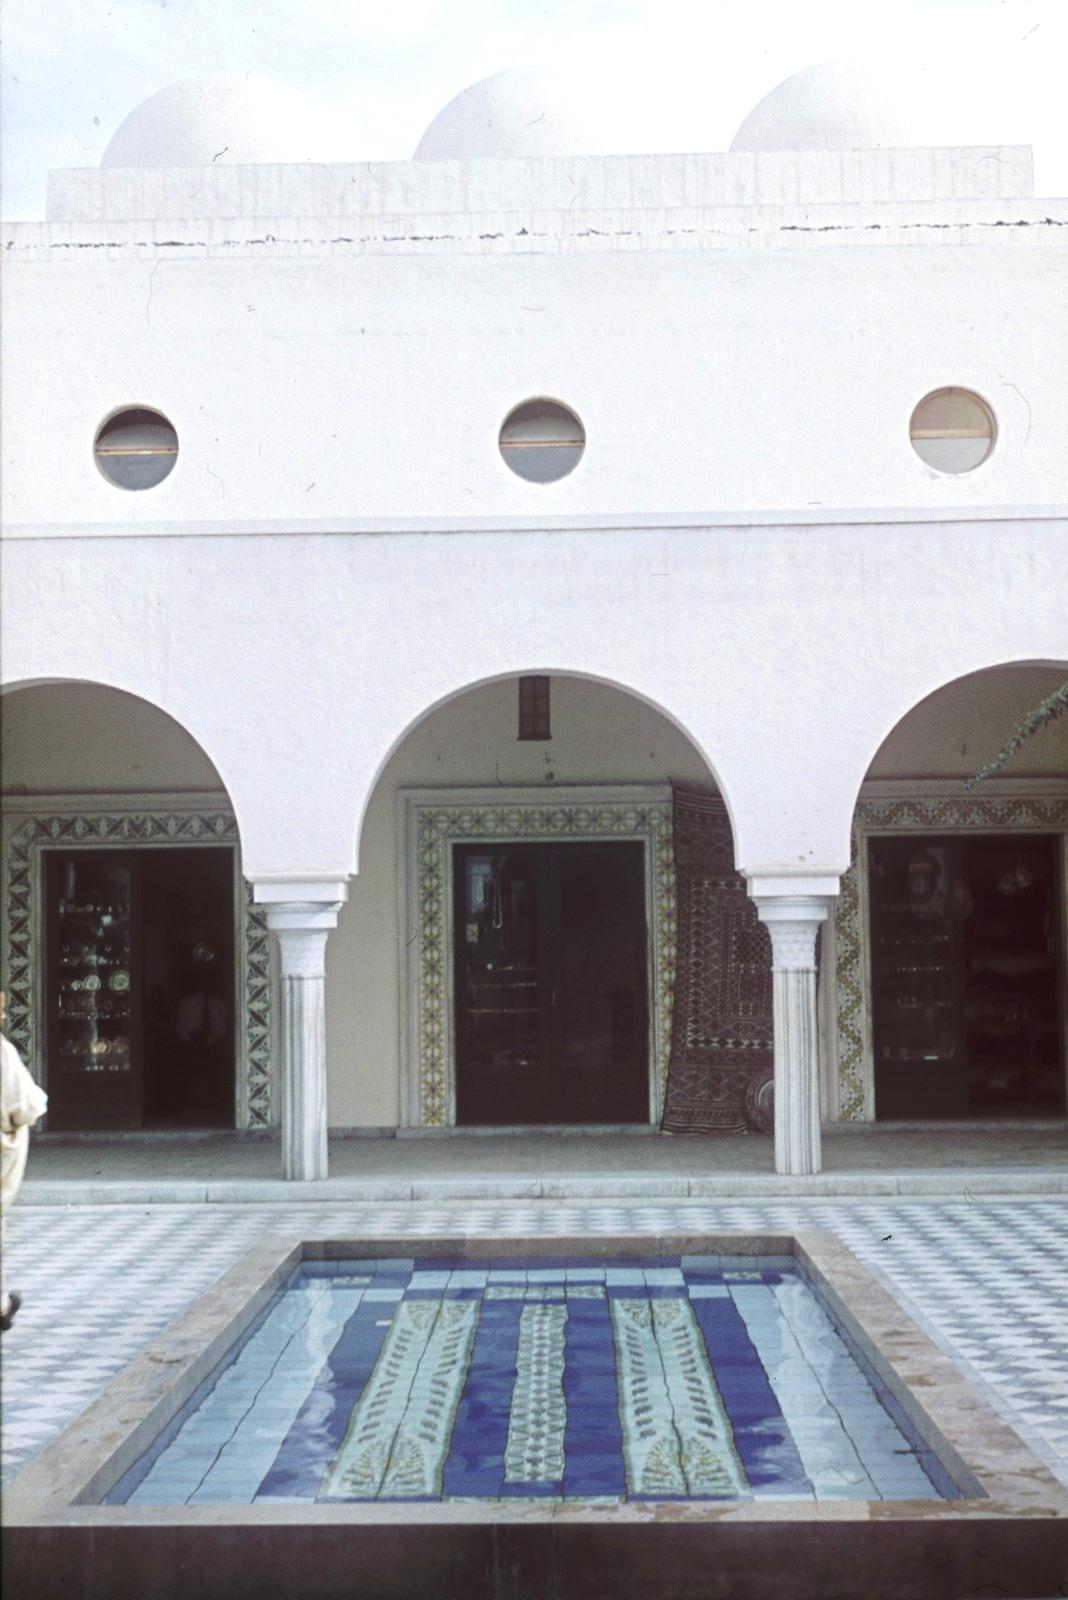 Триполи. Бассейн во внутреннем дворе рынка Эль-Мерши